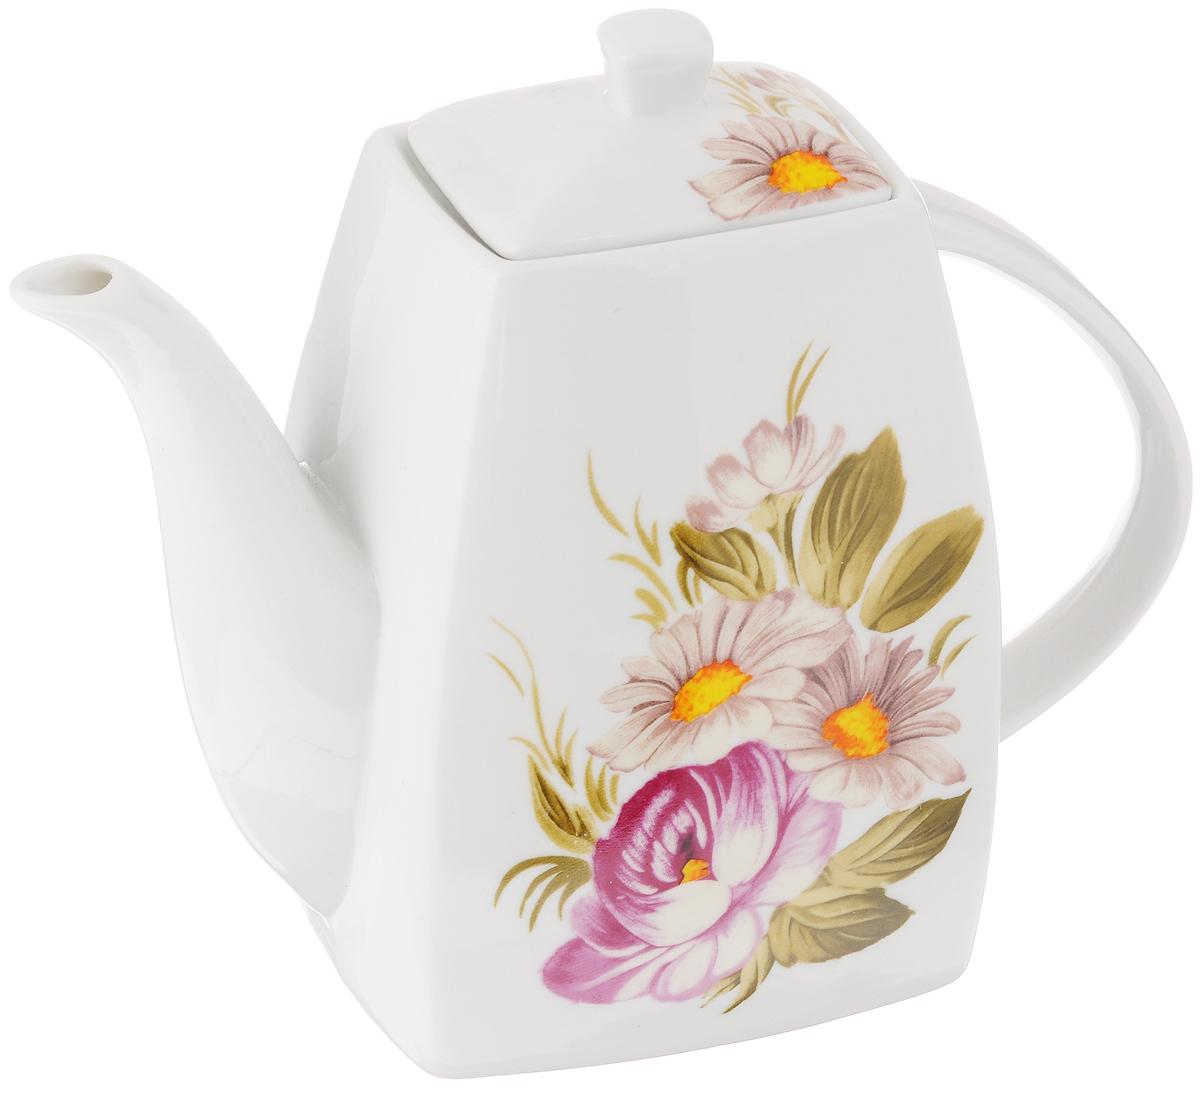 Чайник заварочный Loraine Цветочная идиллия, 1 л21169Заварочный чайник Loraine Цветочная идиллияизготовлениз высококачественной керамики с гладкимглазурованным покрытием. Изделие декорированокрасочным цветочным рисунком.Чайник снабжен удобной ручкой и широкимносиком. В основанииносика расположены фильтрующие отверстия отпопадания чаинок в чашку.Изысканный заварочный чайник украсит сервировкустола к чаепитию. Благодаря красивомуутонченному дизайну и качеству исполнения онстанет хорошим подарком друзьям и близким. Размер чайника (по верхнему краю): 6 х 4 см.Высота чайника (без учета крышки): 15,5 см.